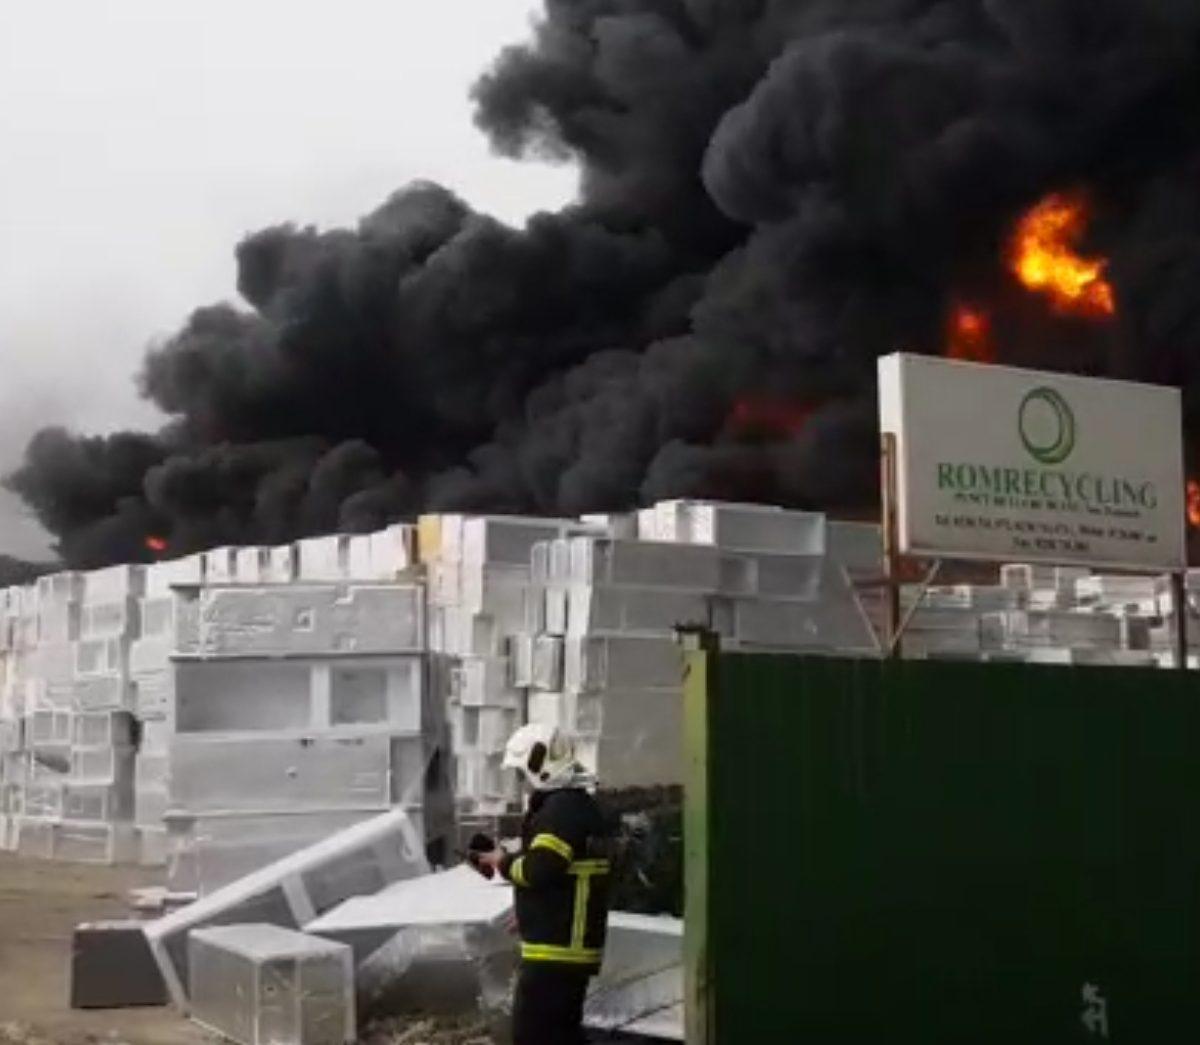 reciclatorul-green-weee,-despre-incendiul-violent-de-la-buzau:-flacarile,-produse-de-scantei-mecanice,-in-timpul-operarii-unui-utilaj